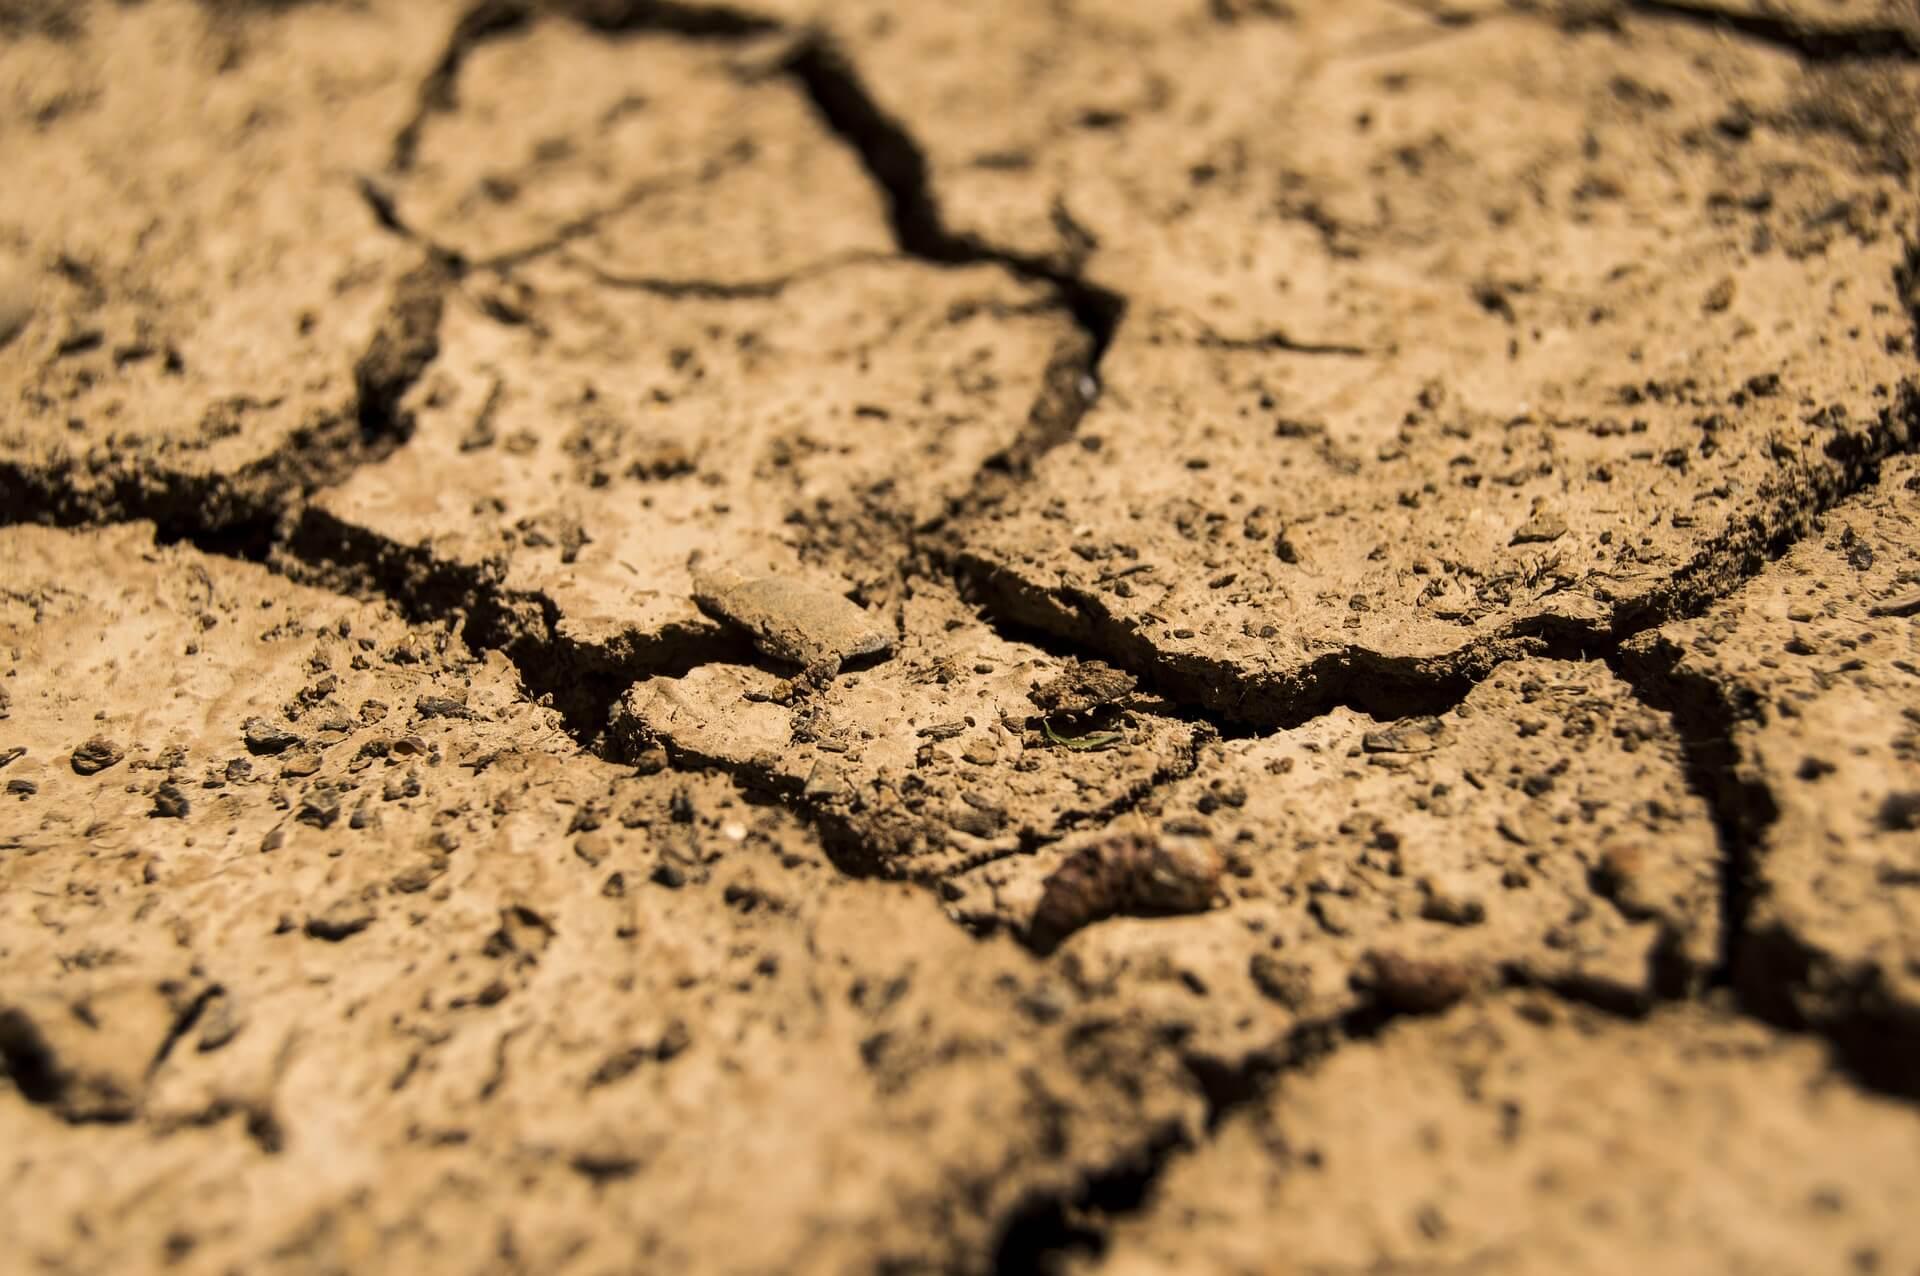 אדמה כבדה נחשבת דחוסה וקשה לעיבוד